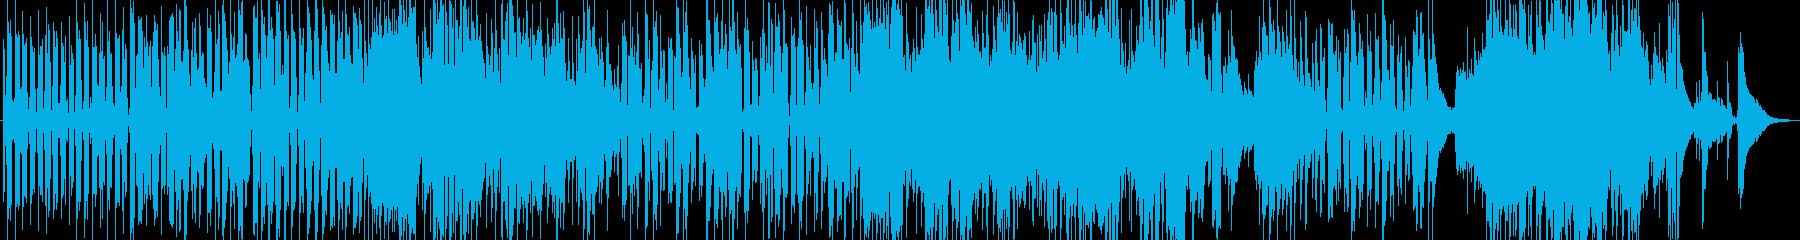 アコギ弾き語り 切ない系フォークソングの再生済みの波形